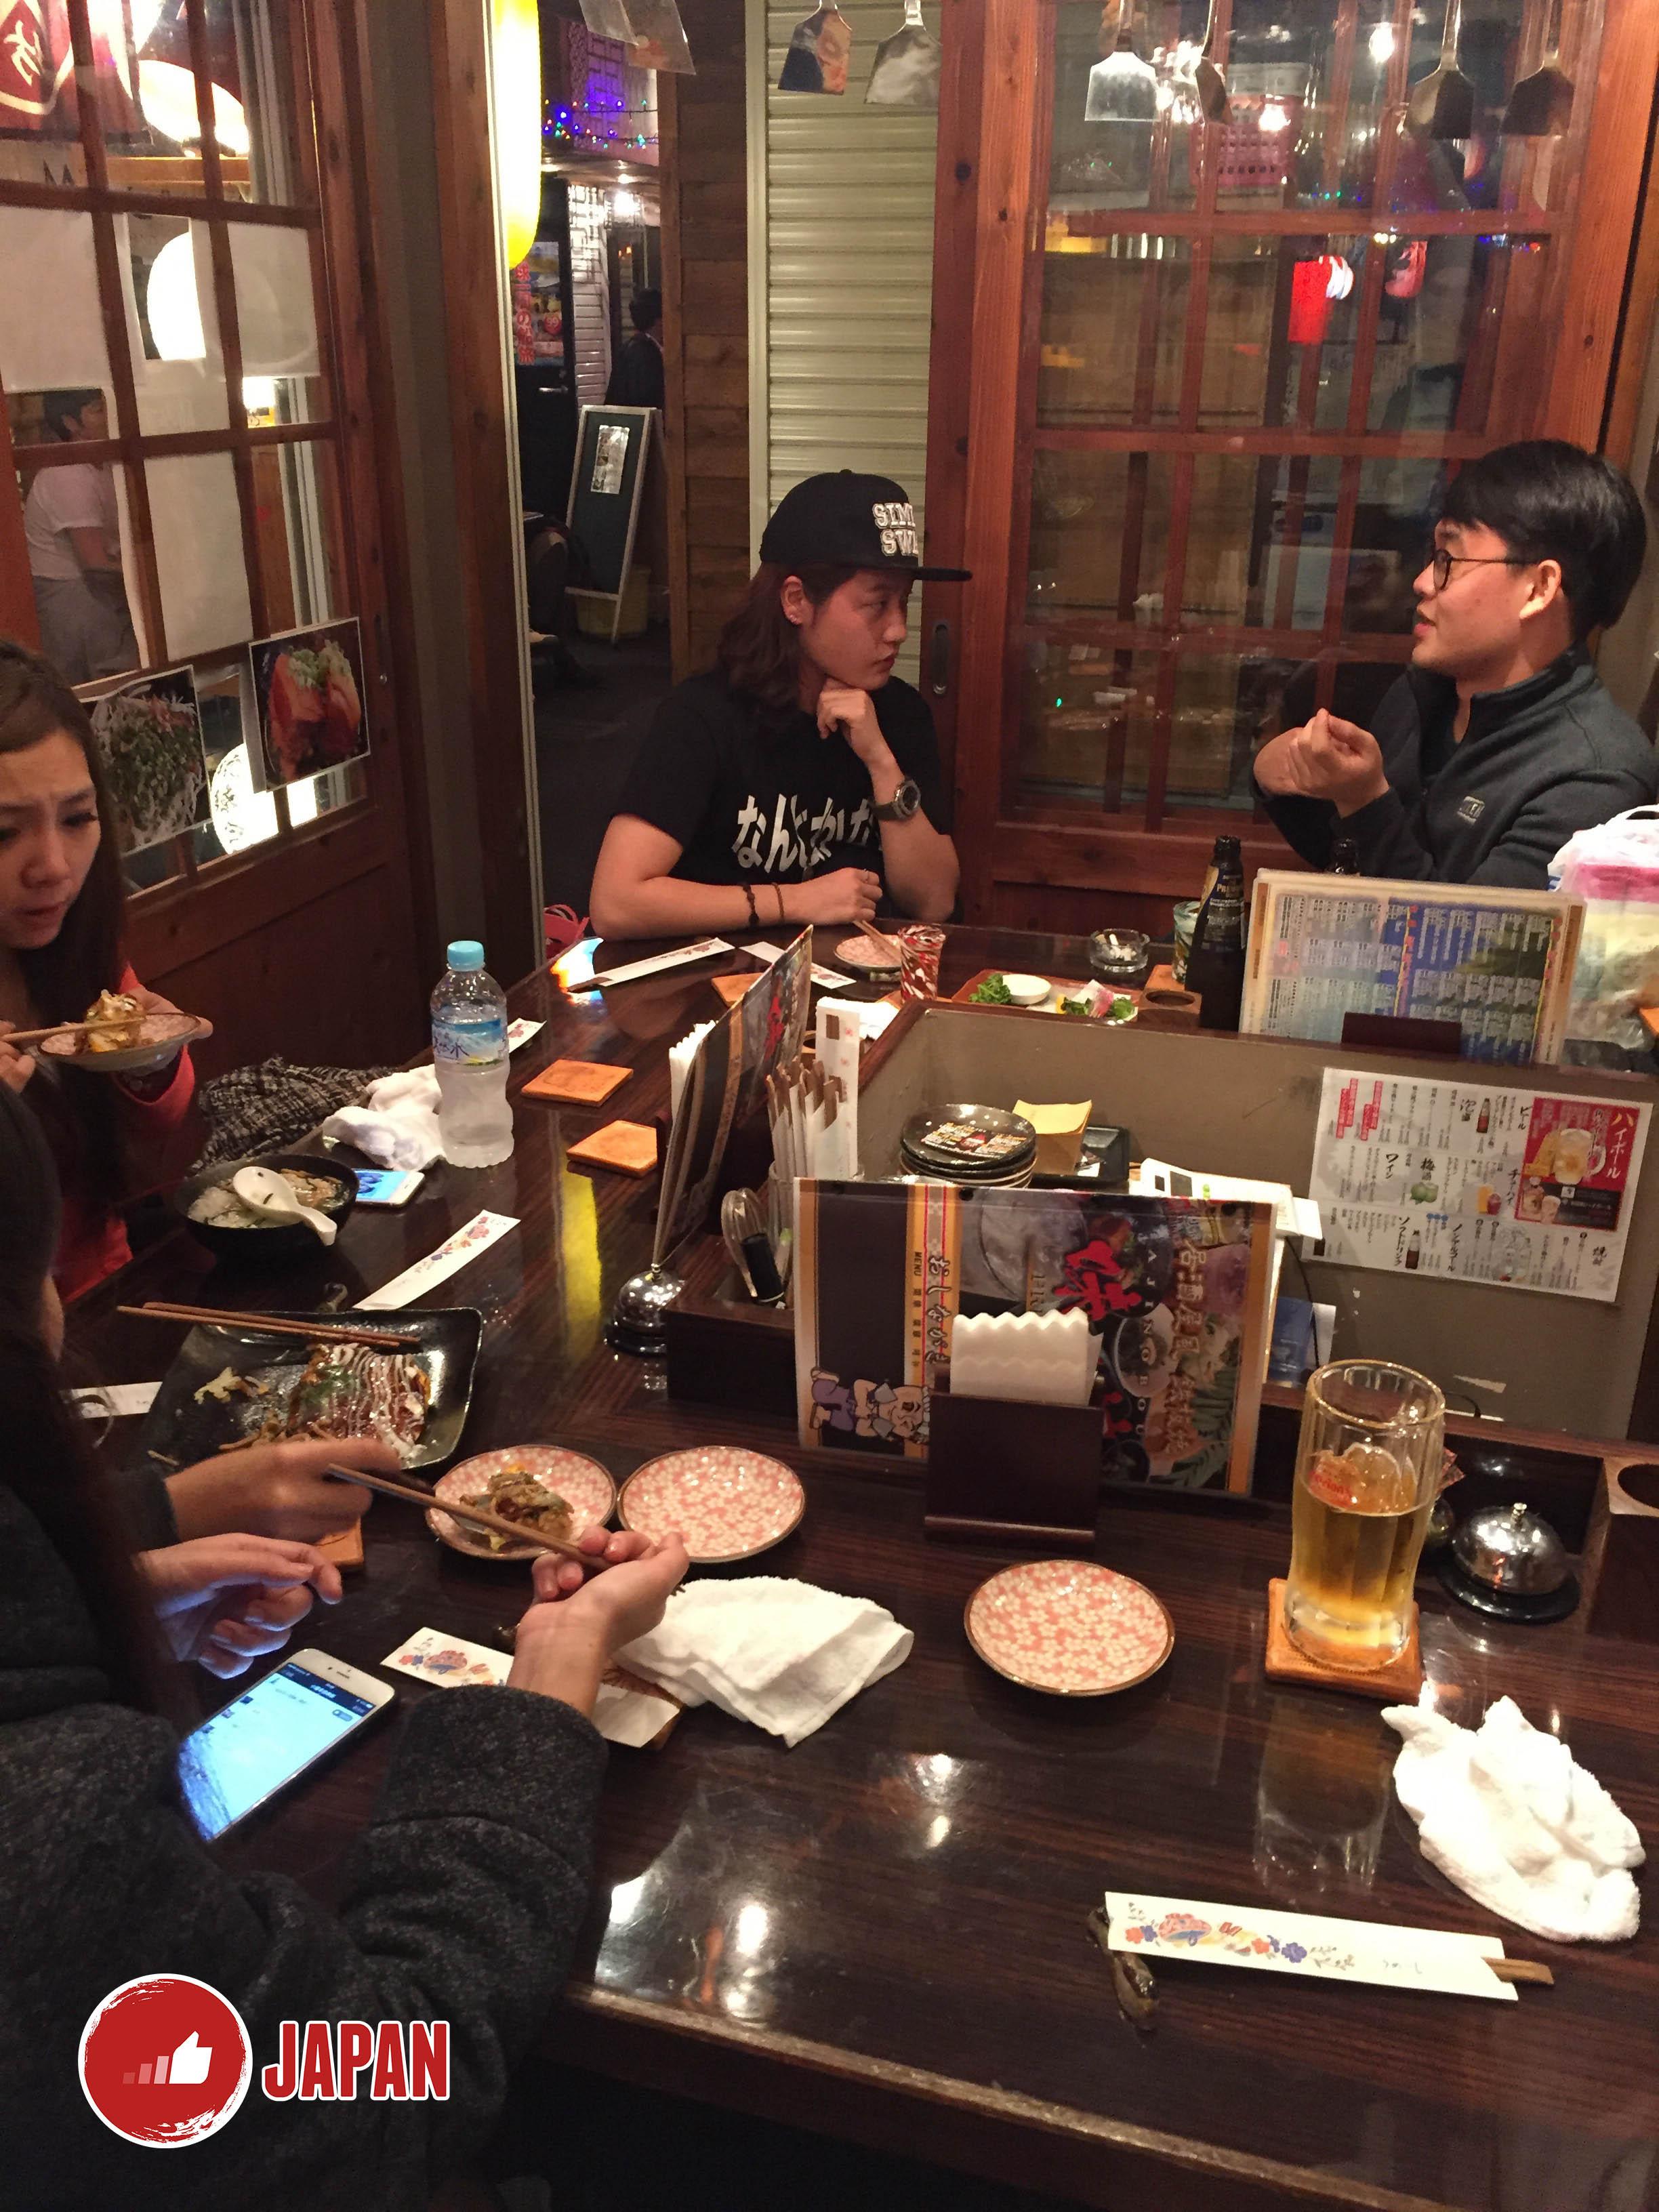 沖繩國際通熱鬧小夜市